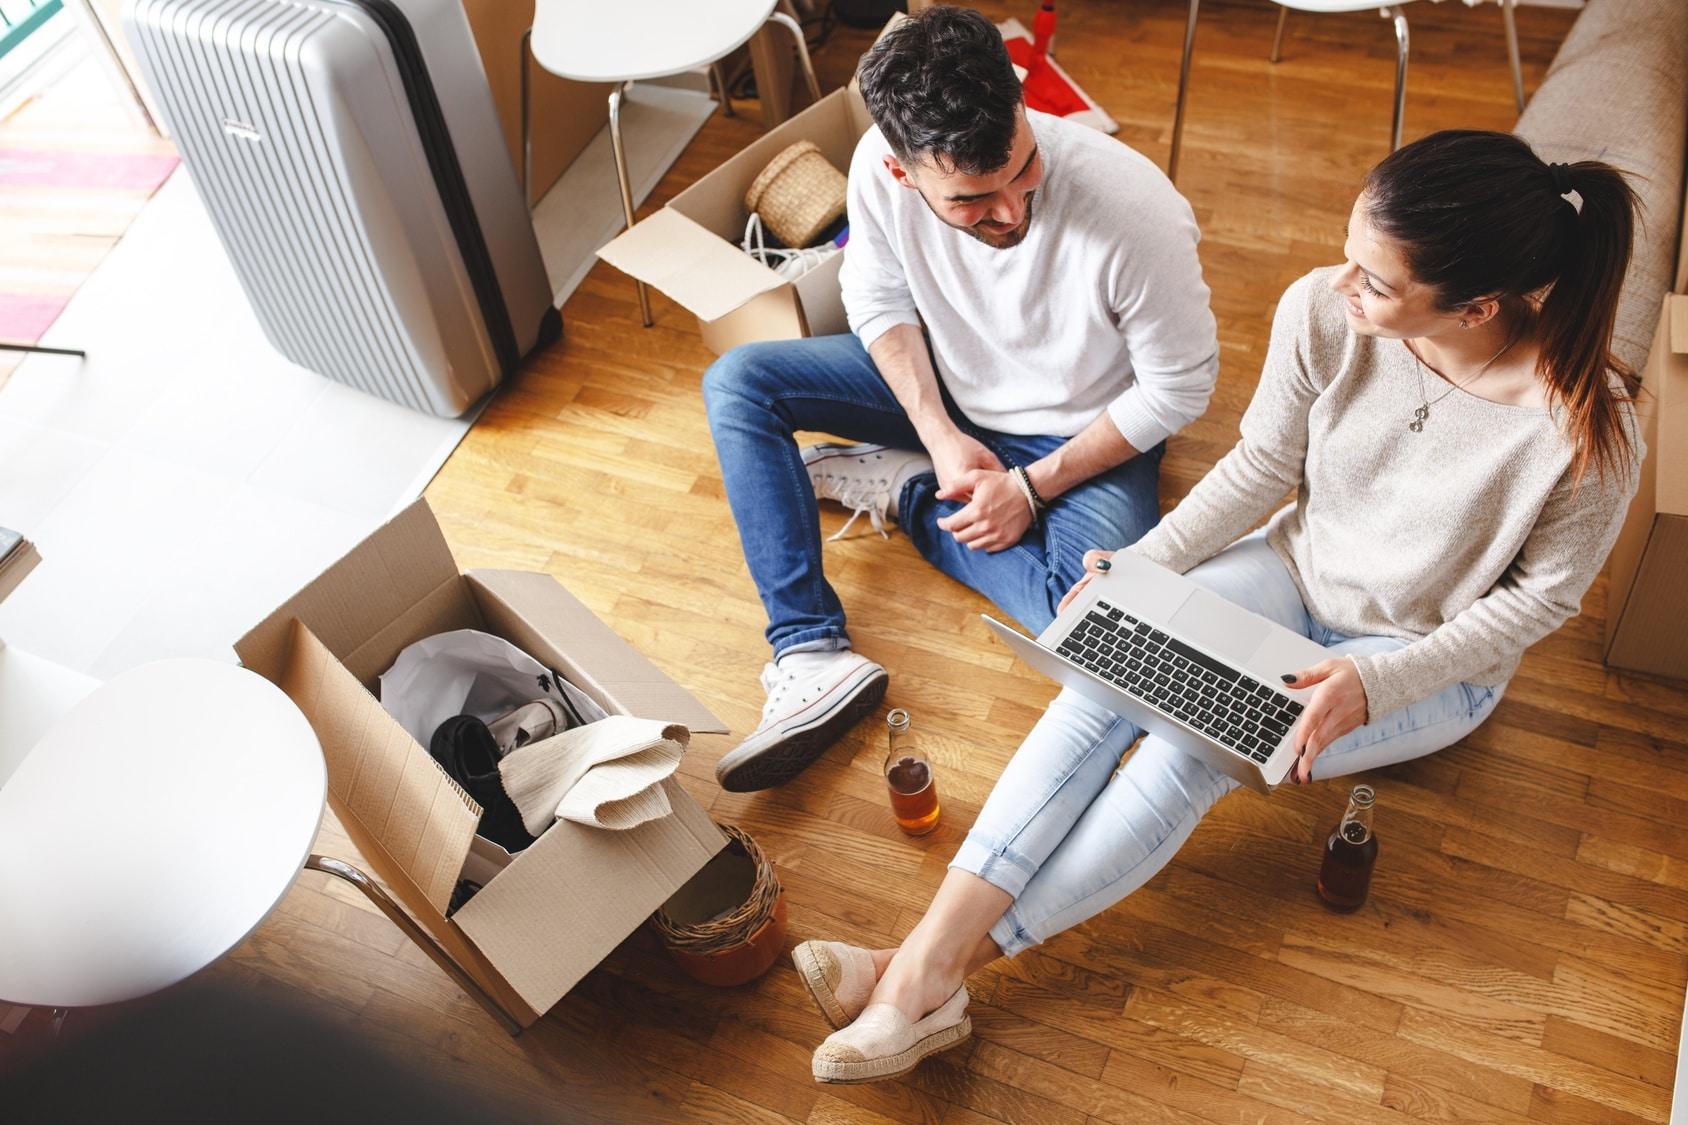 Comment bien préparer son déménagement Internet?